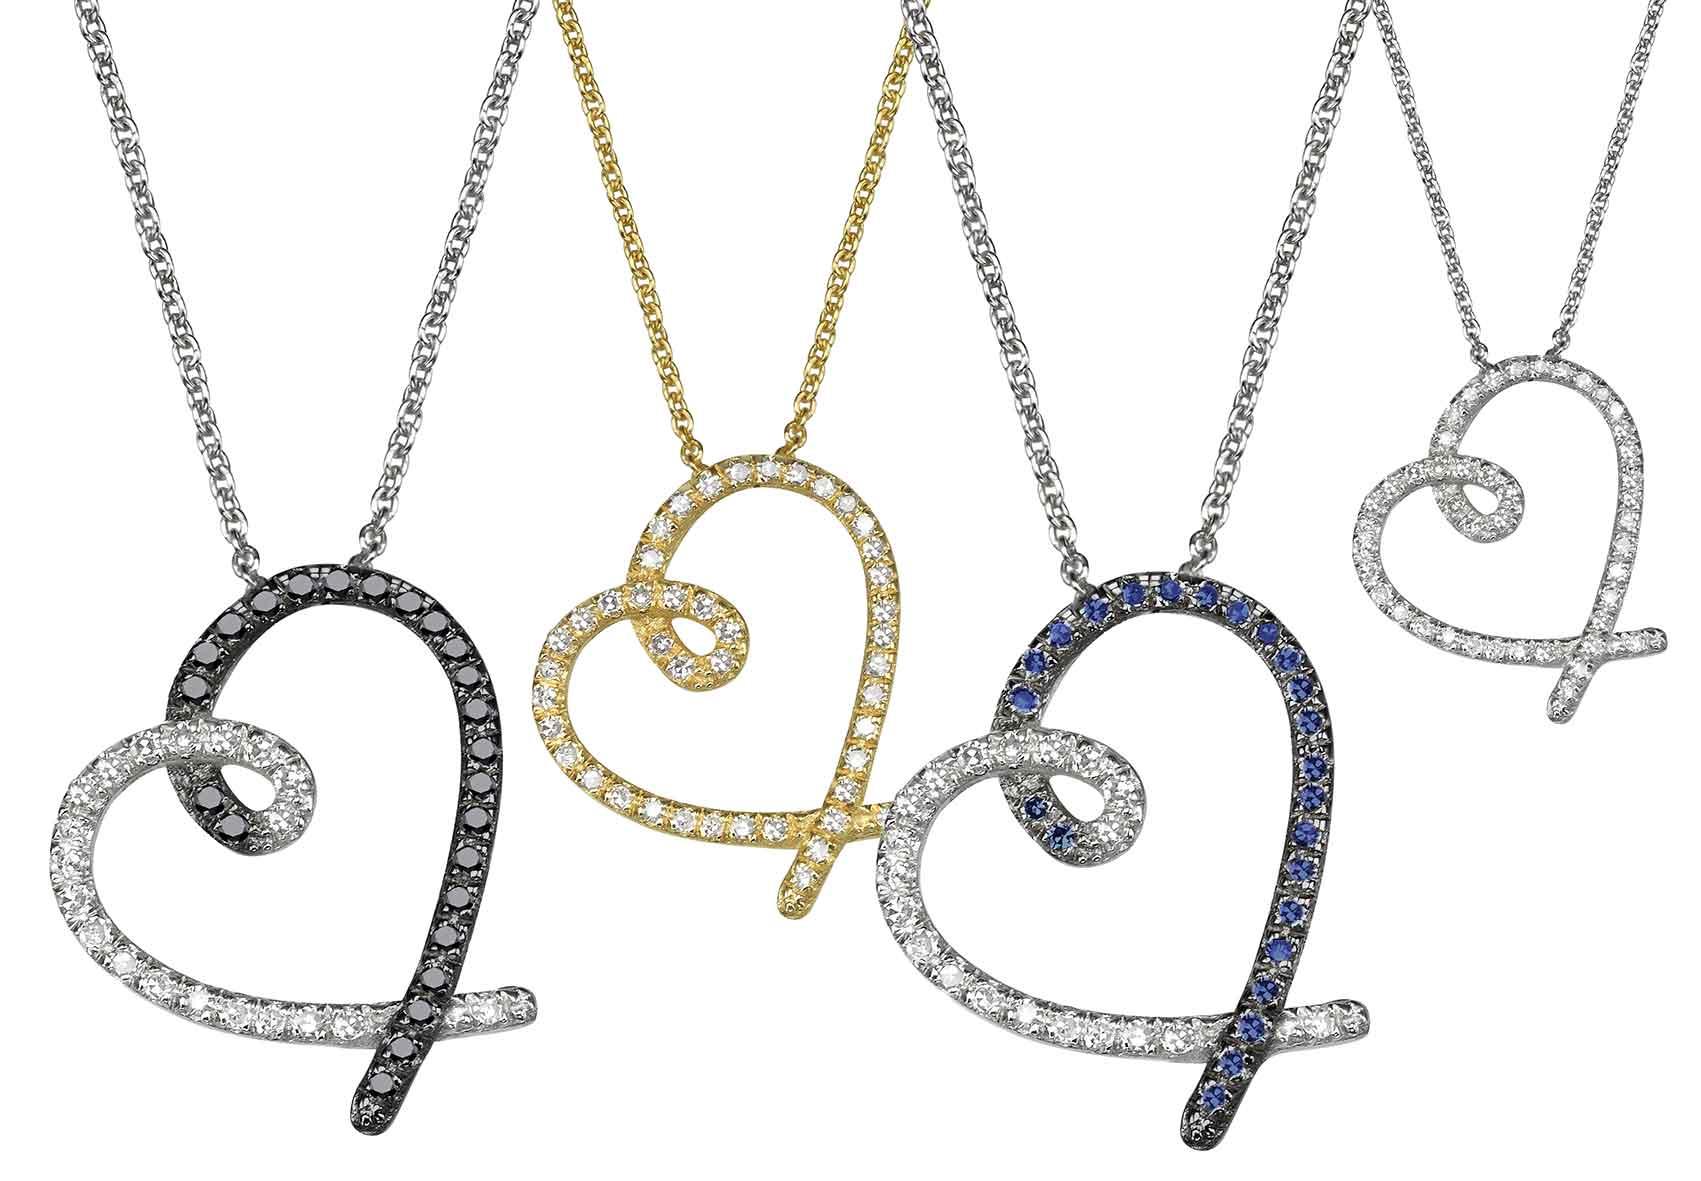 יהלומים-בלינג-בלינג-מגזין-אופנה